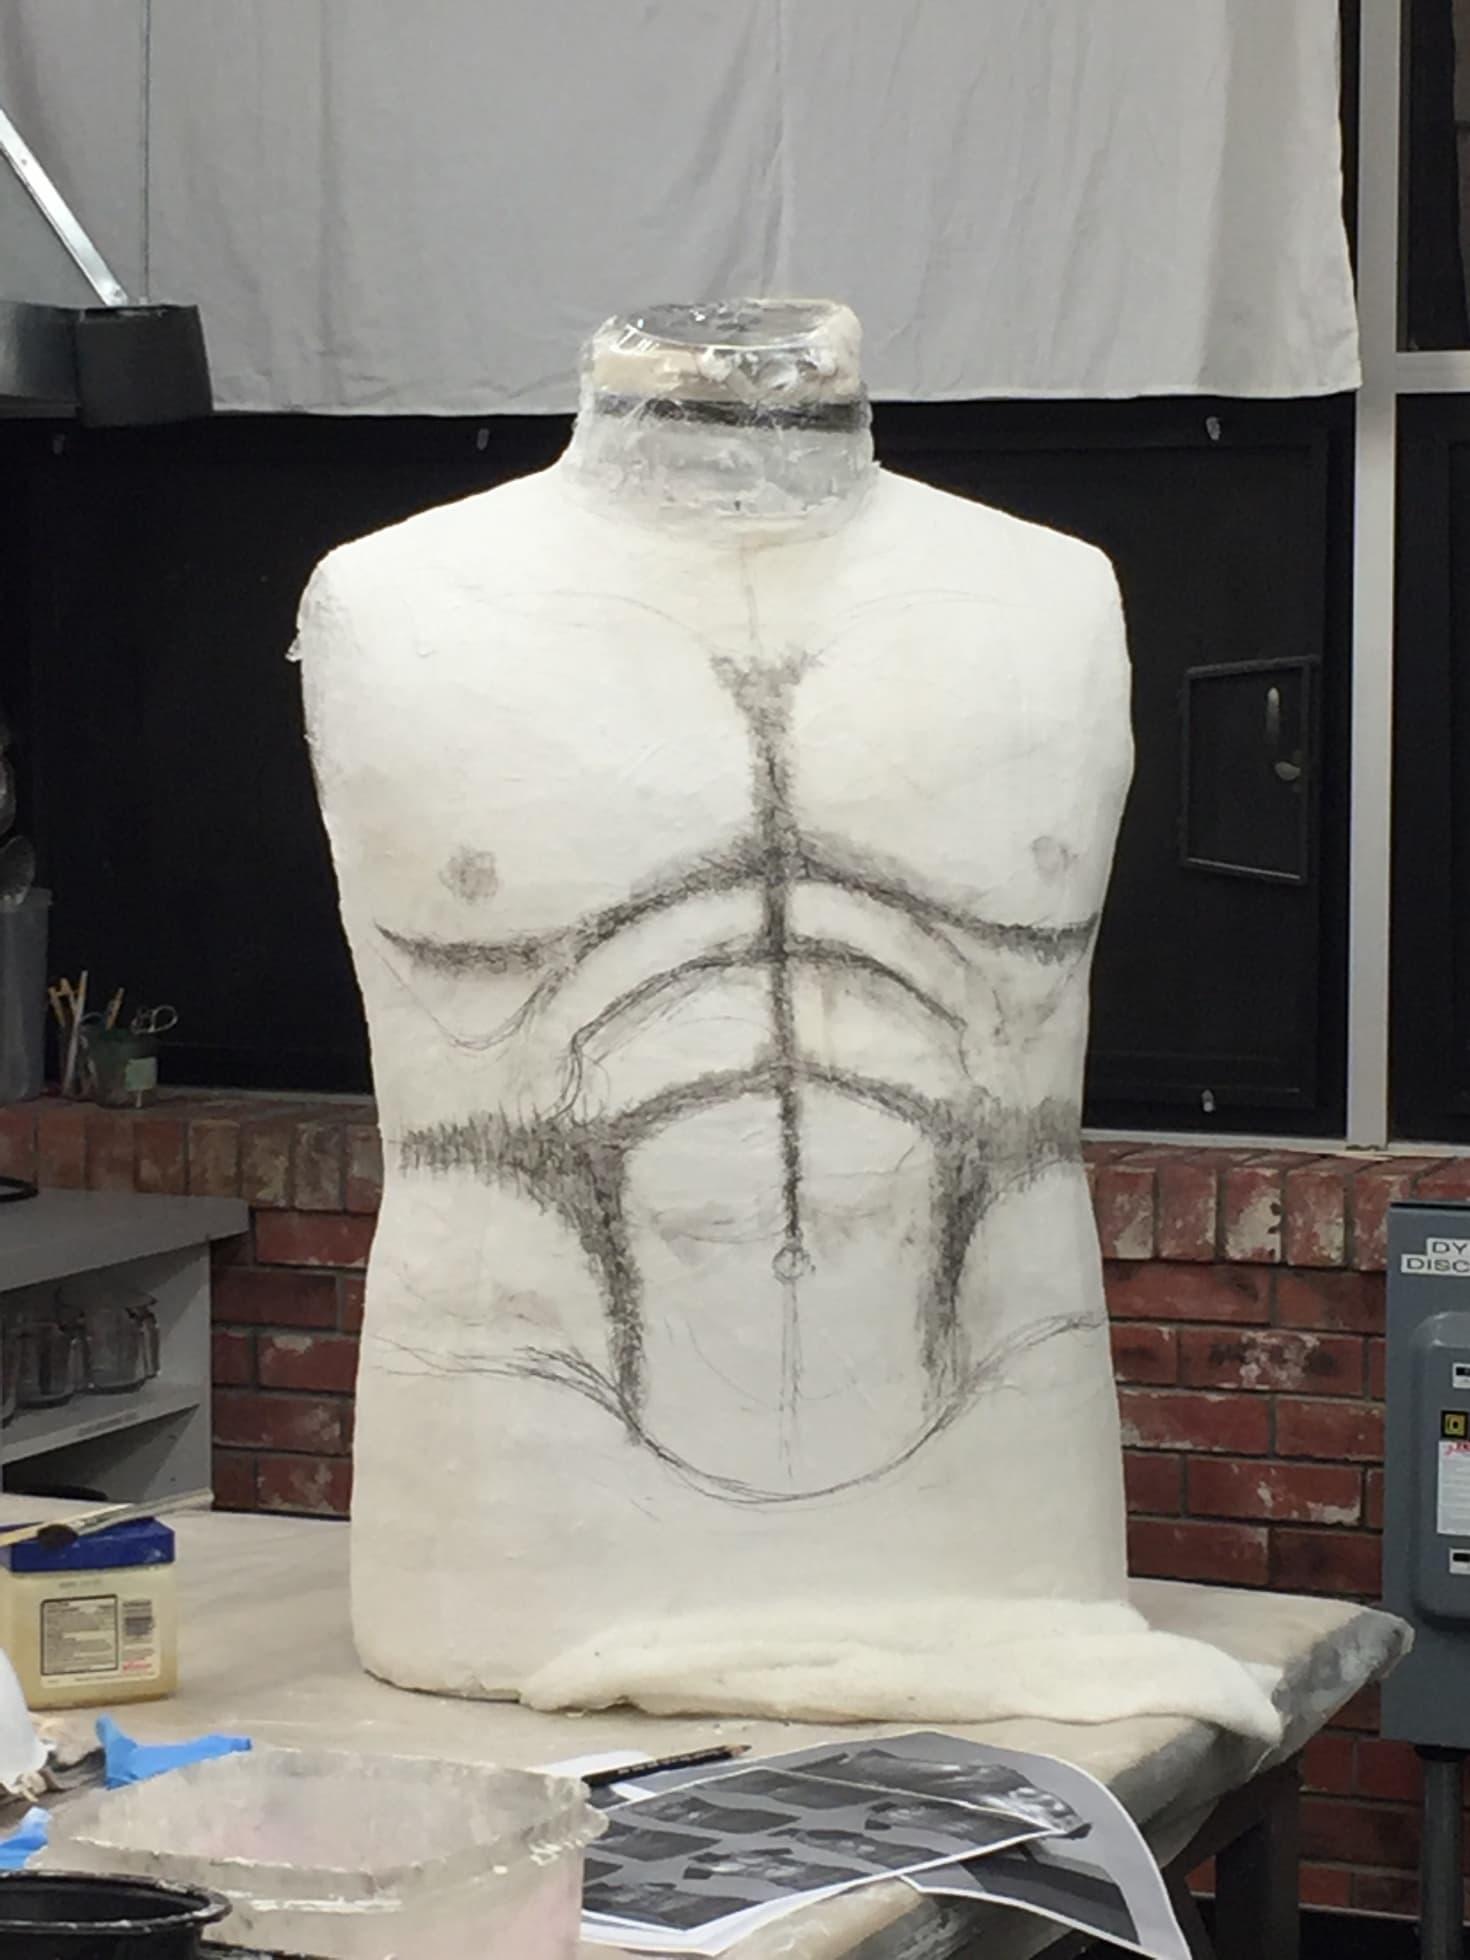 Tito Form Sketch